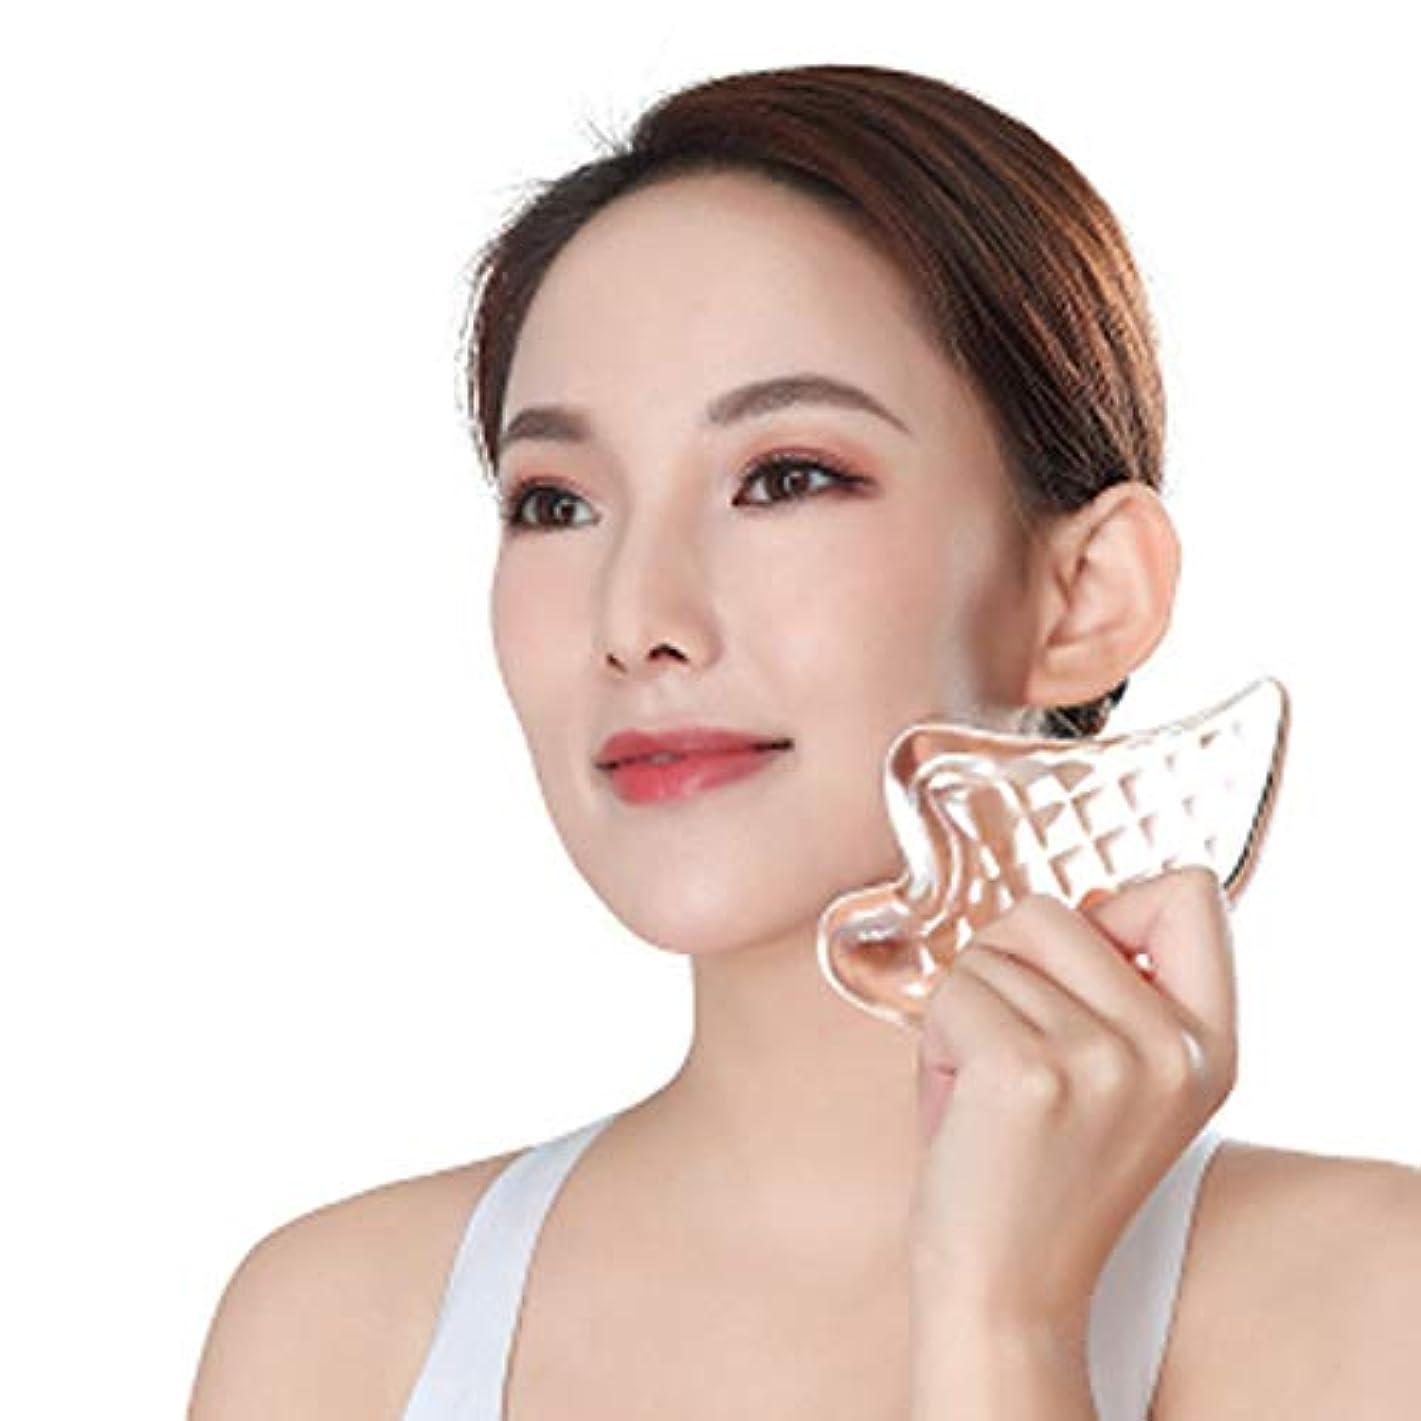 サリー保護するご近所Cangad かっさプレート 美顔器 高品質 3Dクリスタル 小顔 美顔グッズ 羽根型 ボディ マッサージ かっさマッサージ 刮痧 ウィング型 健康グッズ